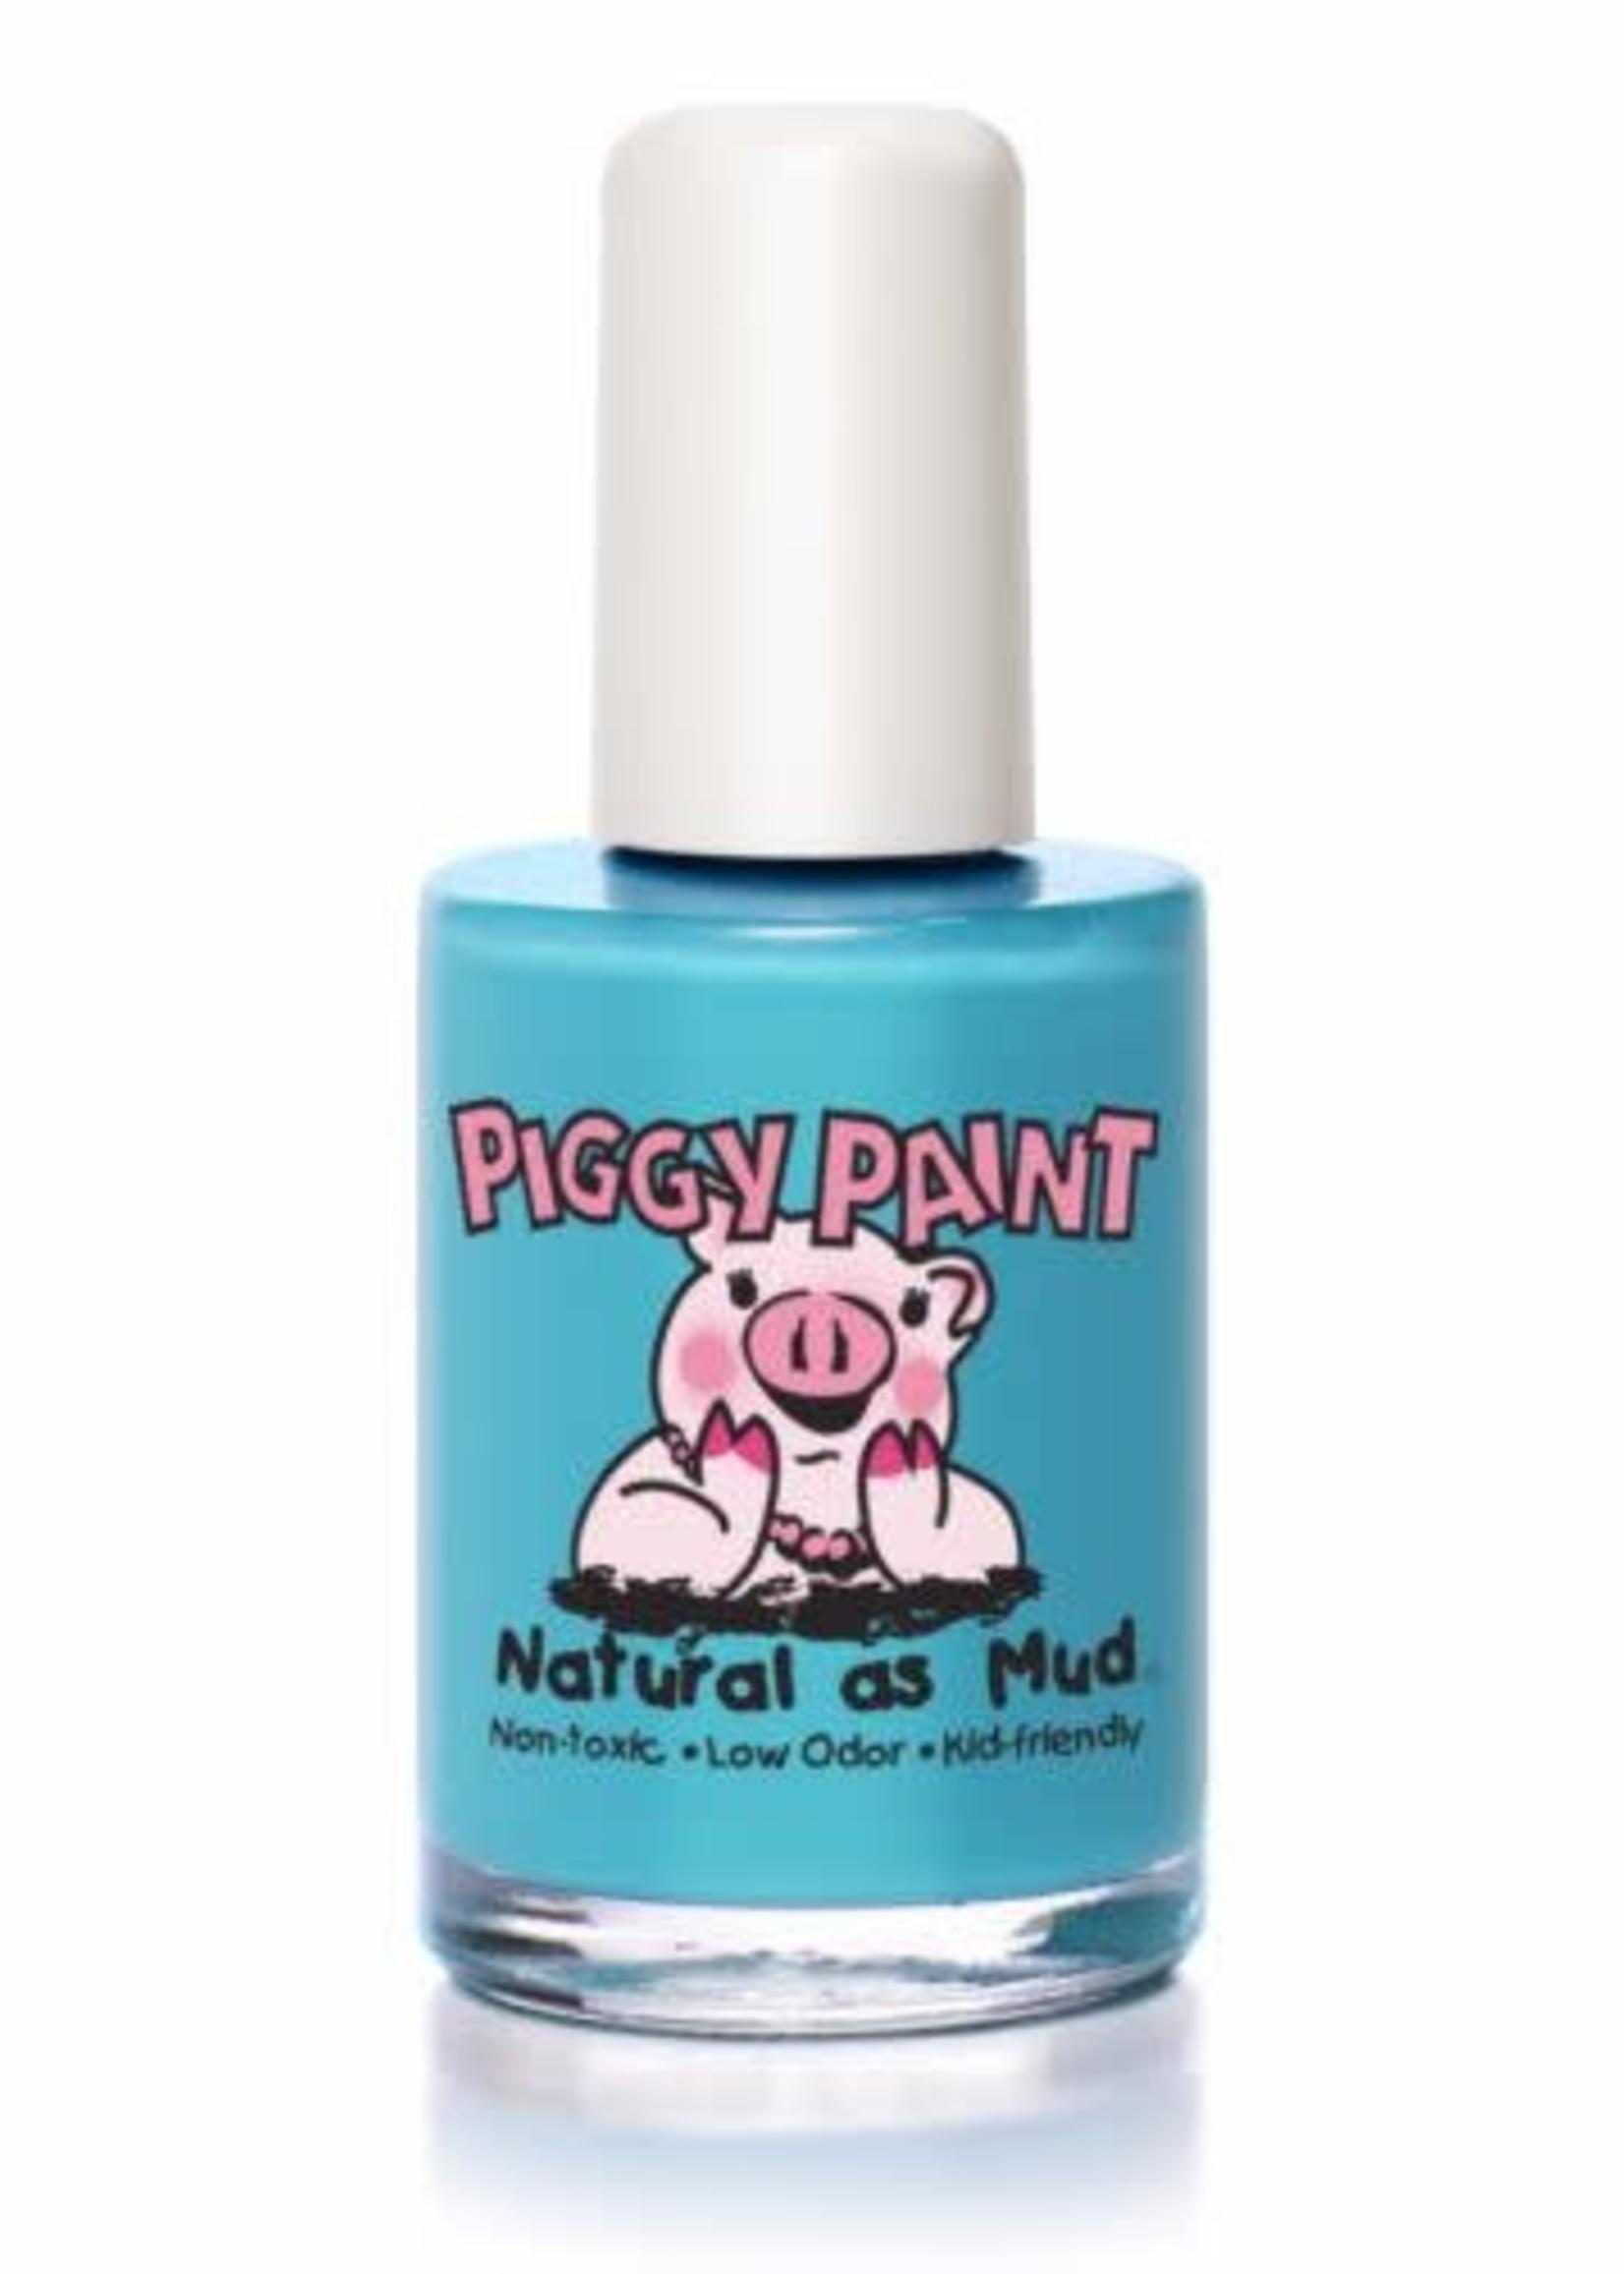 Piggy Paint Piggy Paint (Seaquin)